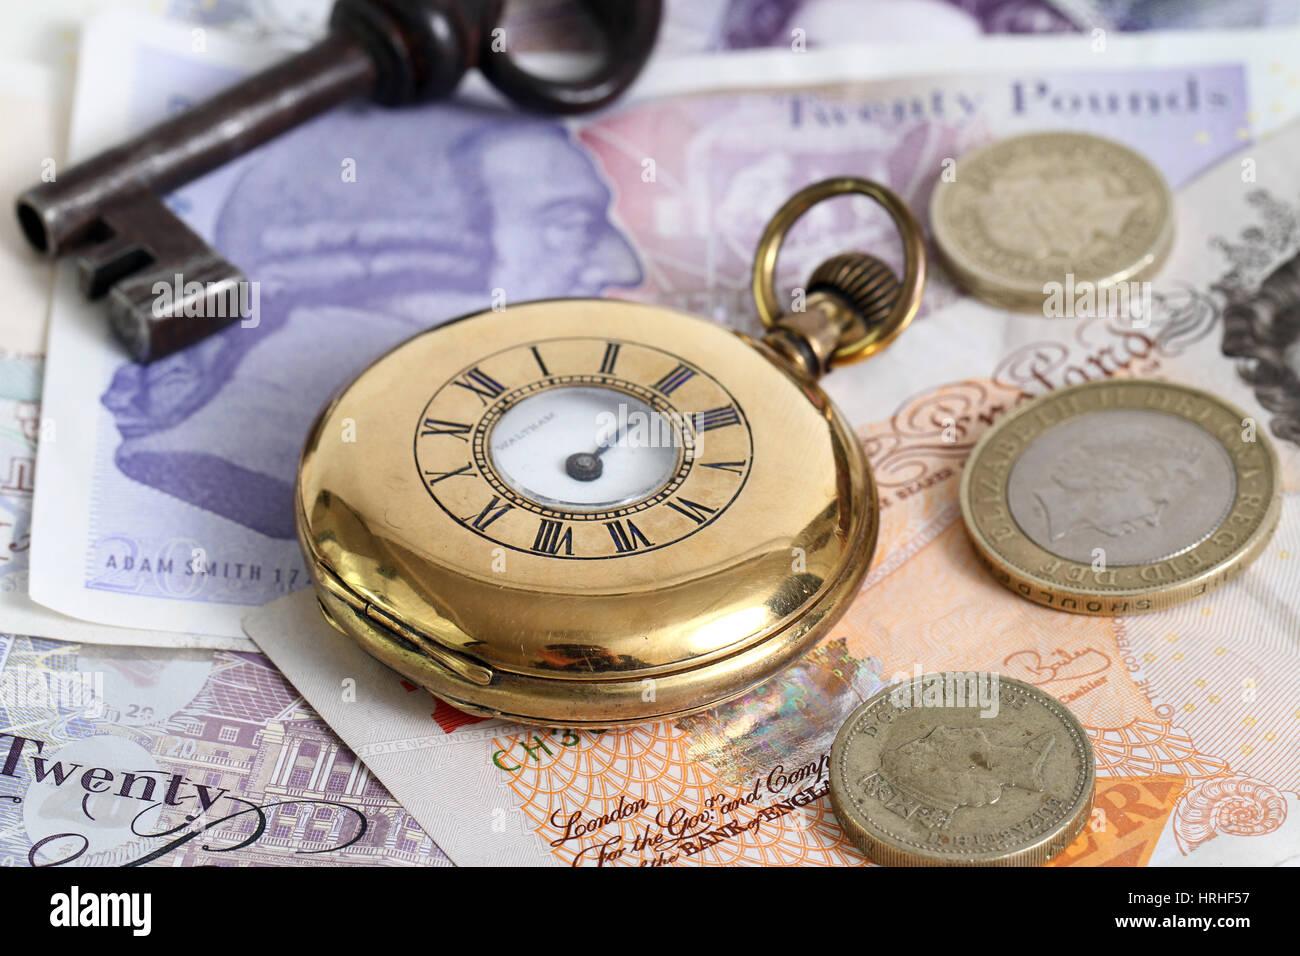 Montre de poche à clé, et de l'argent Photo Stock